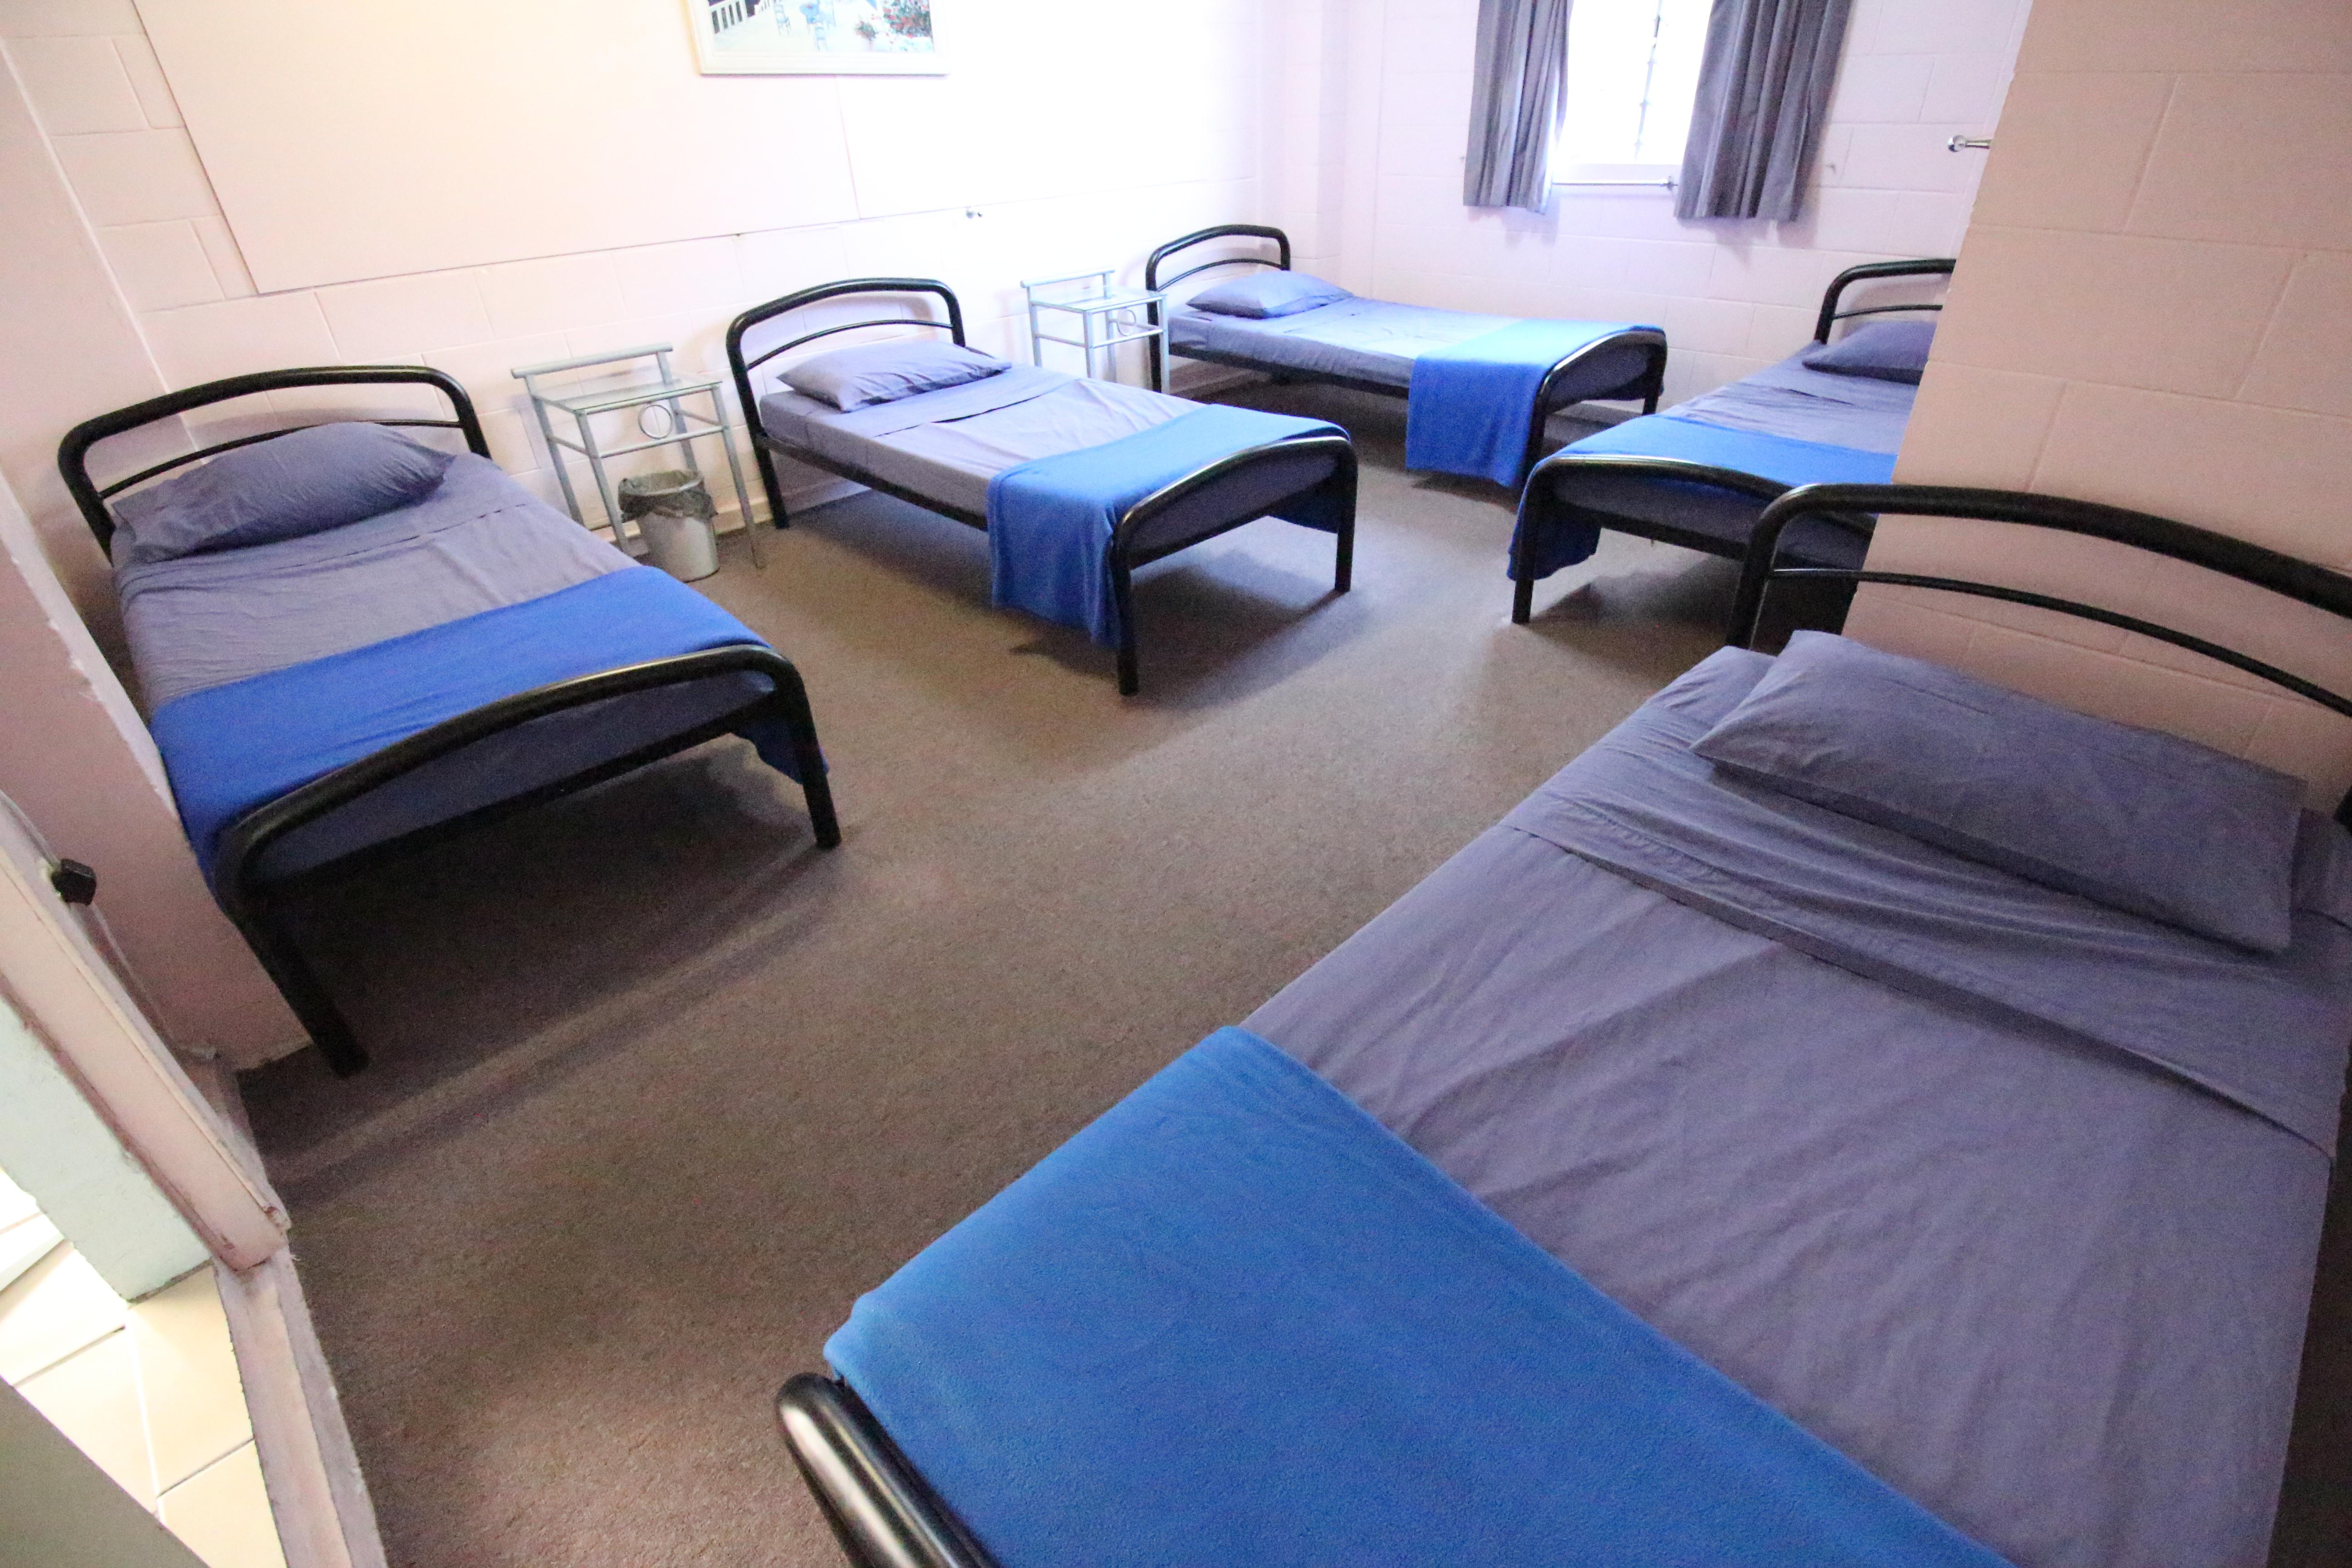 Five Bed Dorm